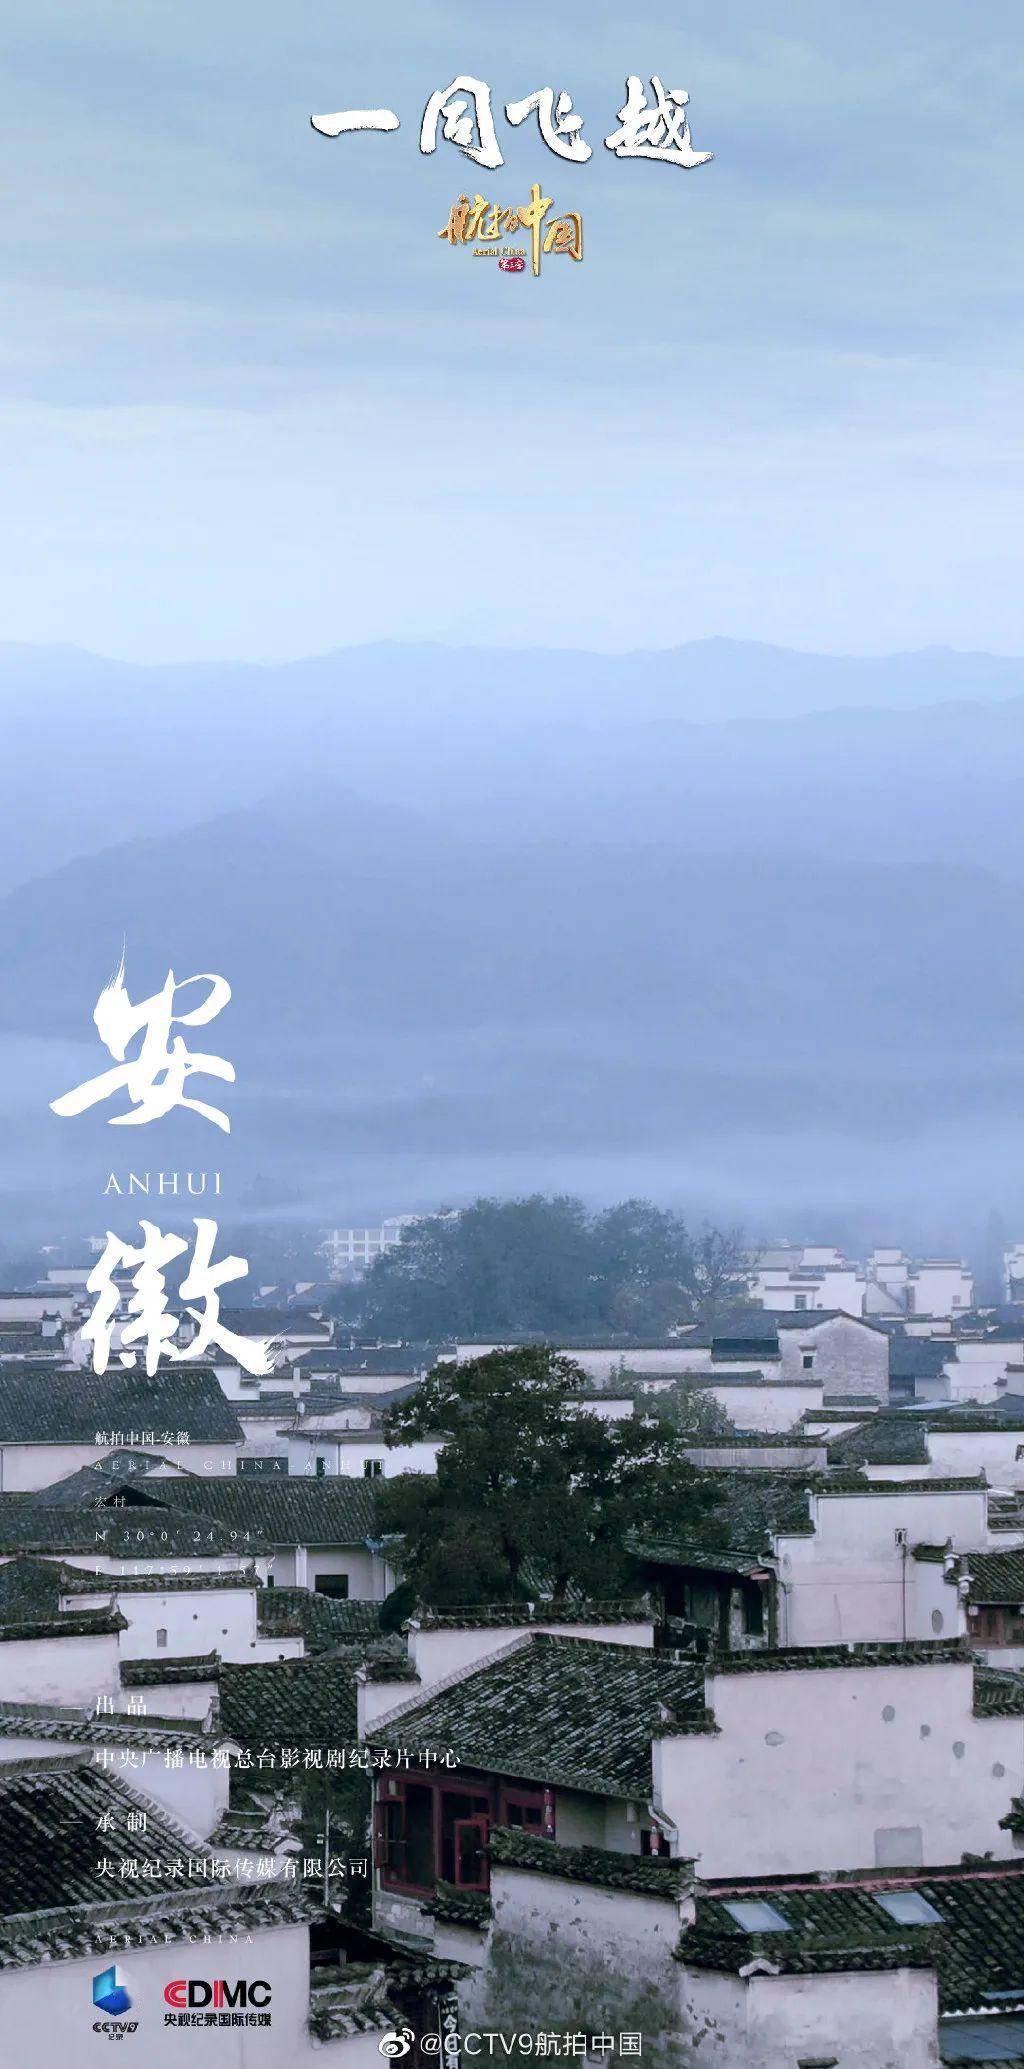 冰与火之歌第四季8_航拍中国第三季,来了!_云南省